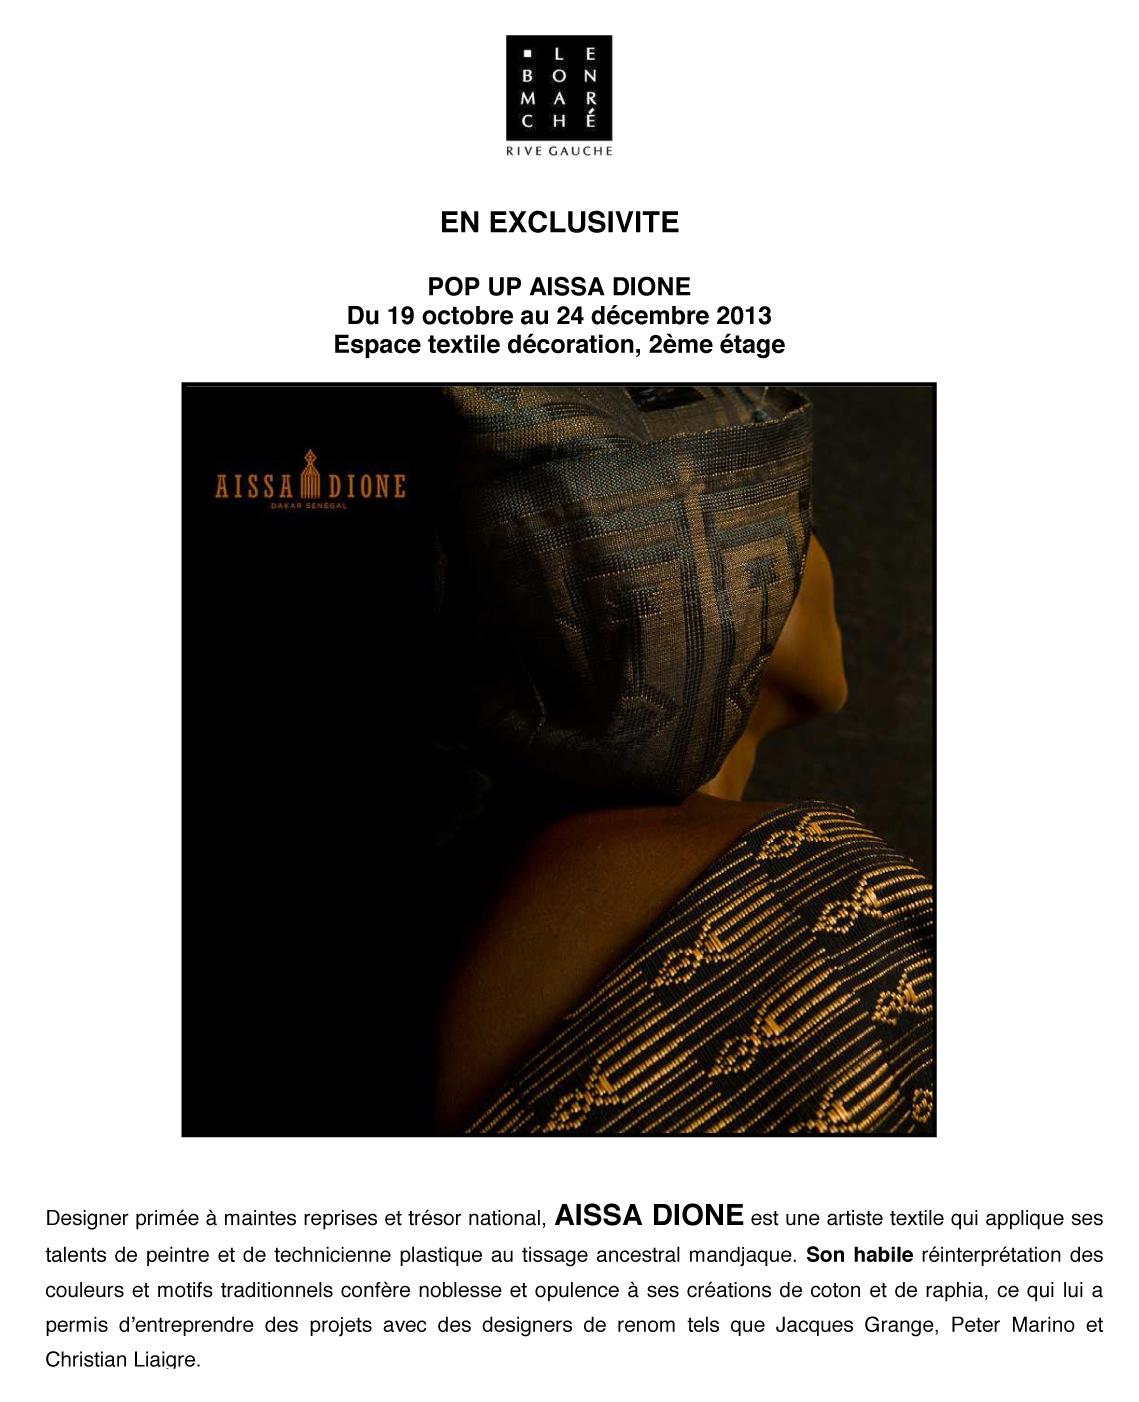 Aissa Dione au Bon Marche